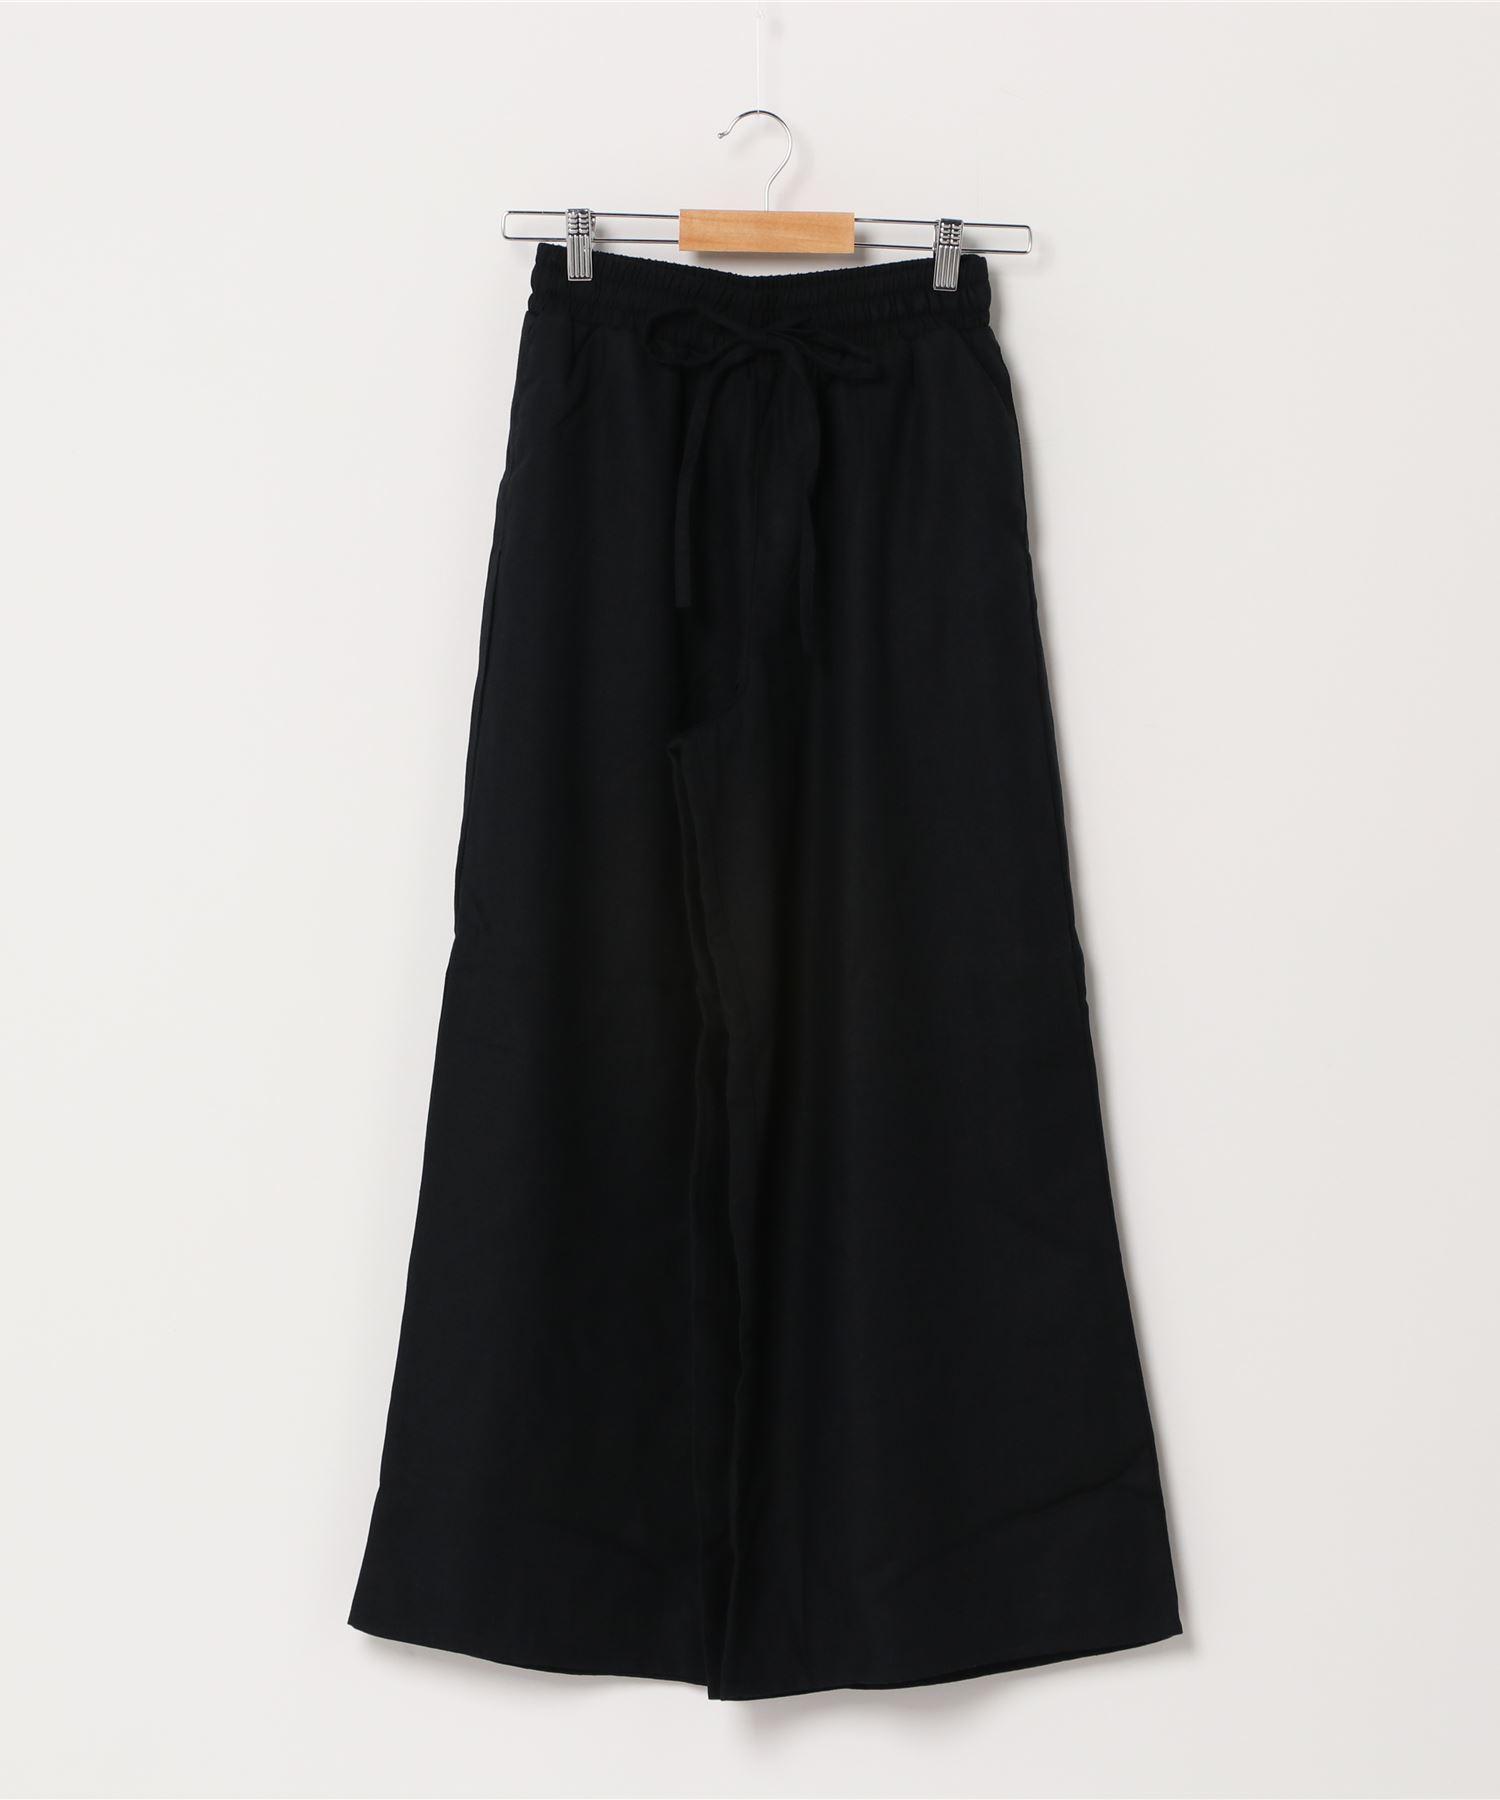 ギャザーイージーパンツ ワイドパンツ  ヒップ回りはゆったりと裾にかけてスッキリとさせたシルエット